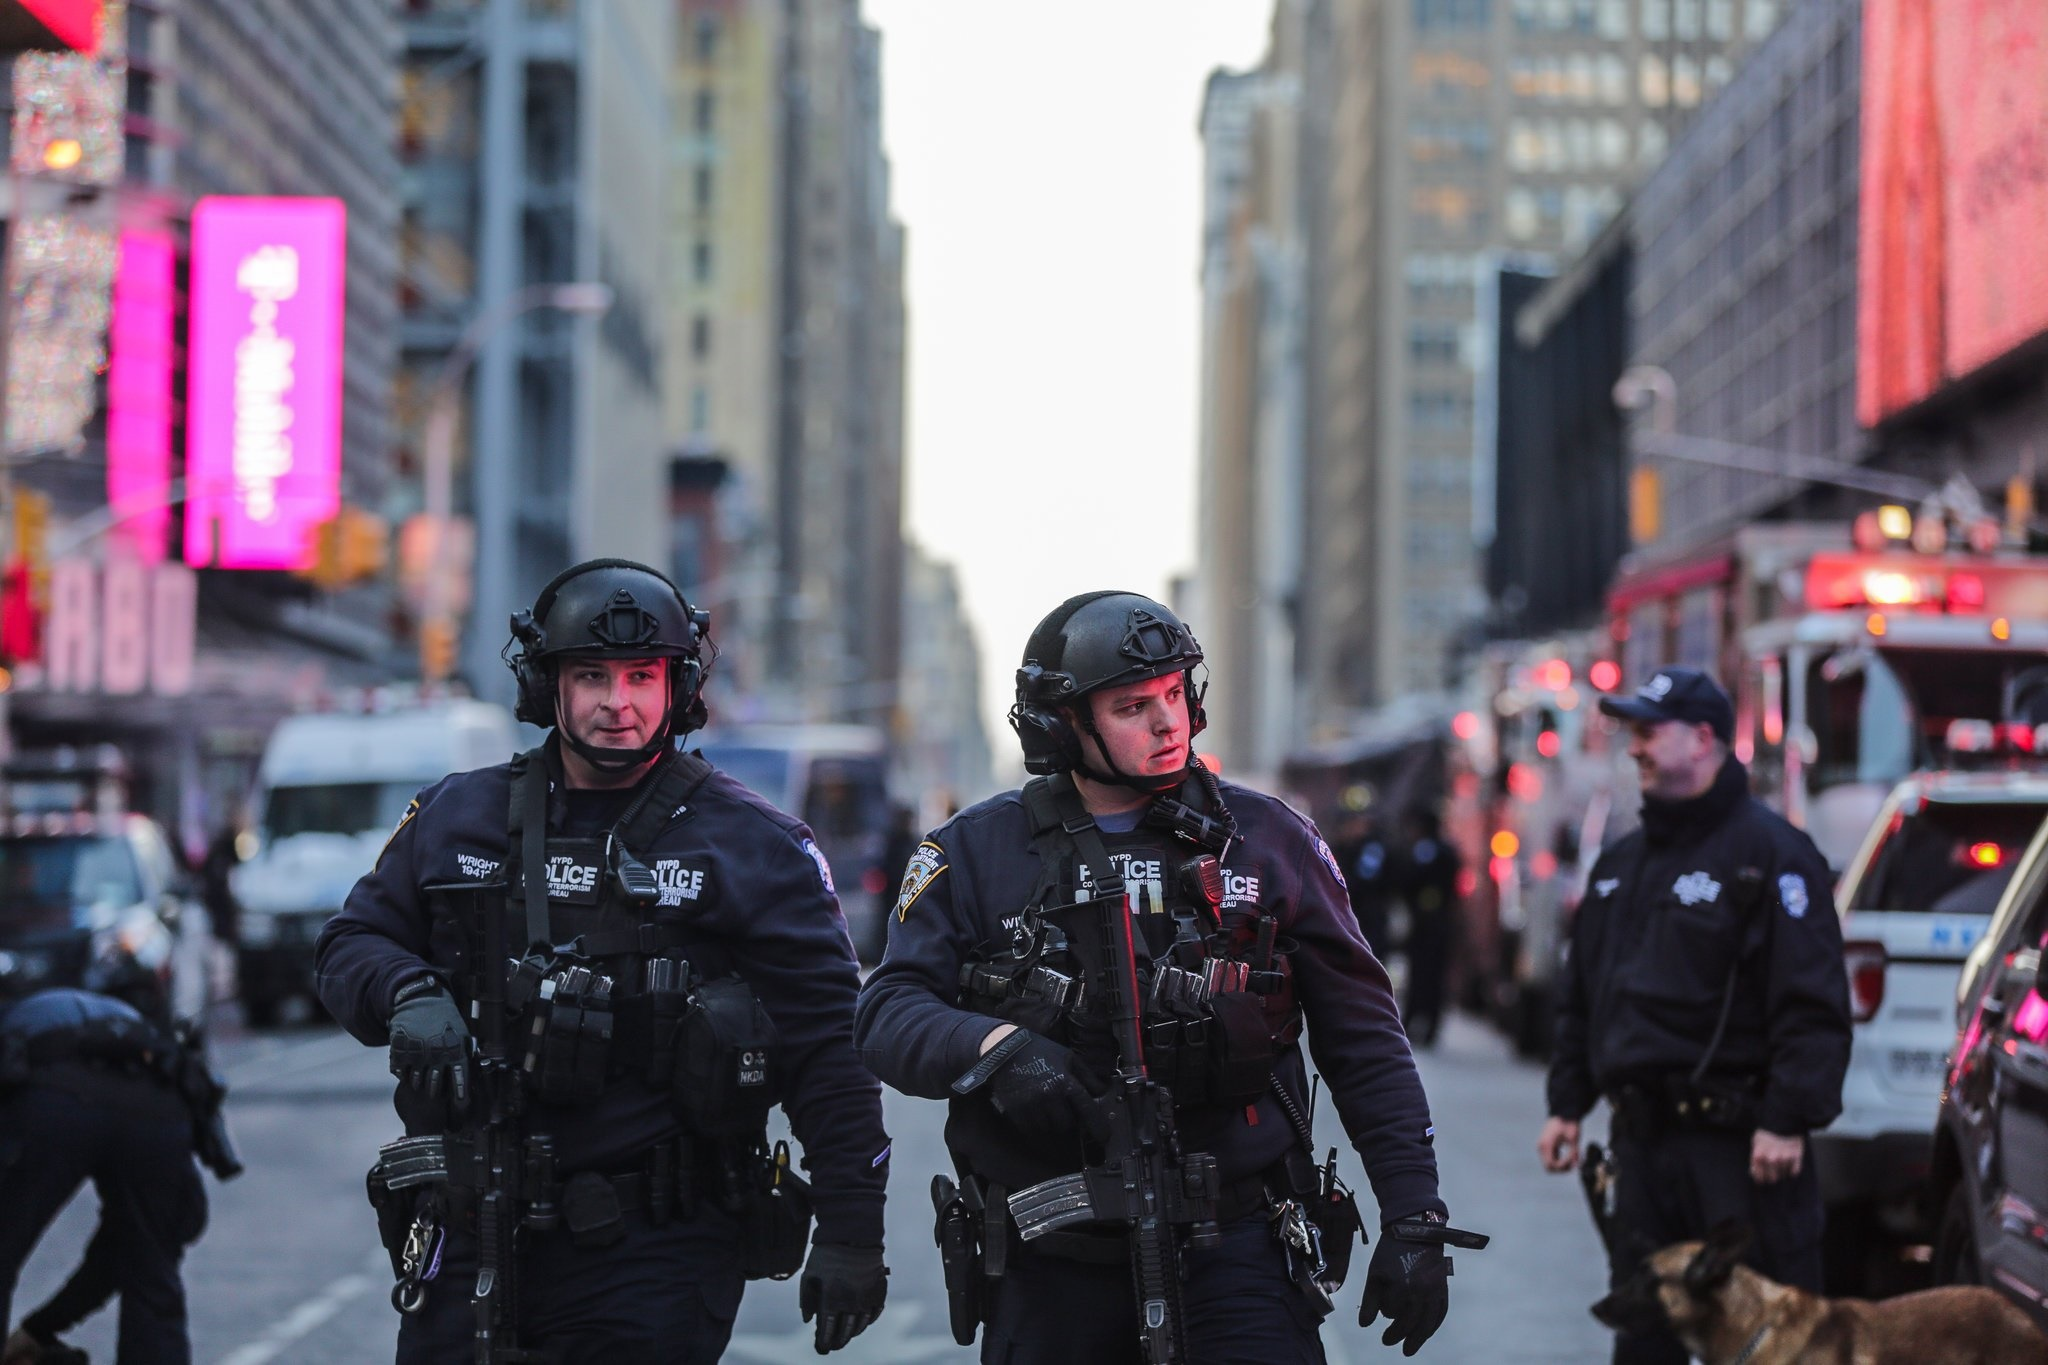 تصاویر   انفجار بمب در زیرگذر پر رفت و آمد نیویورک